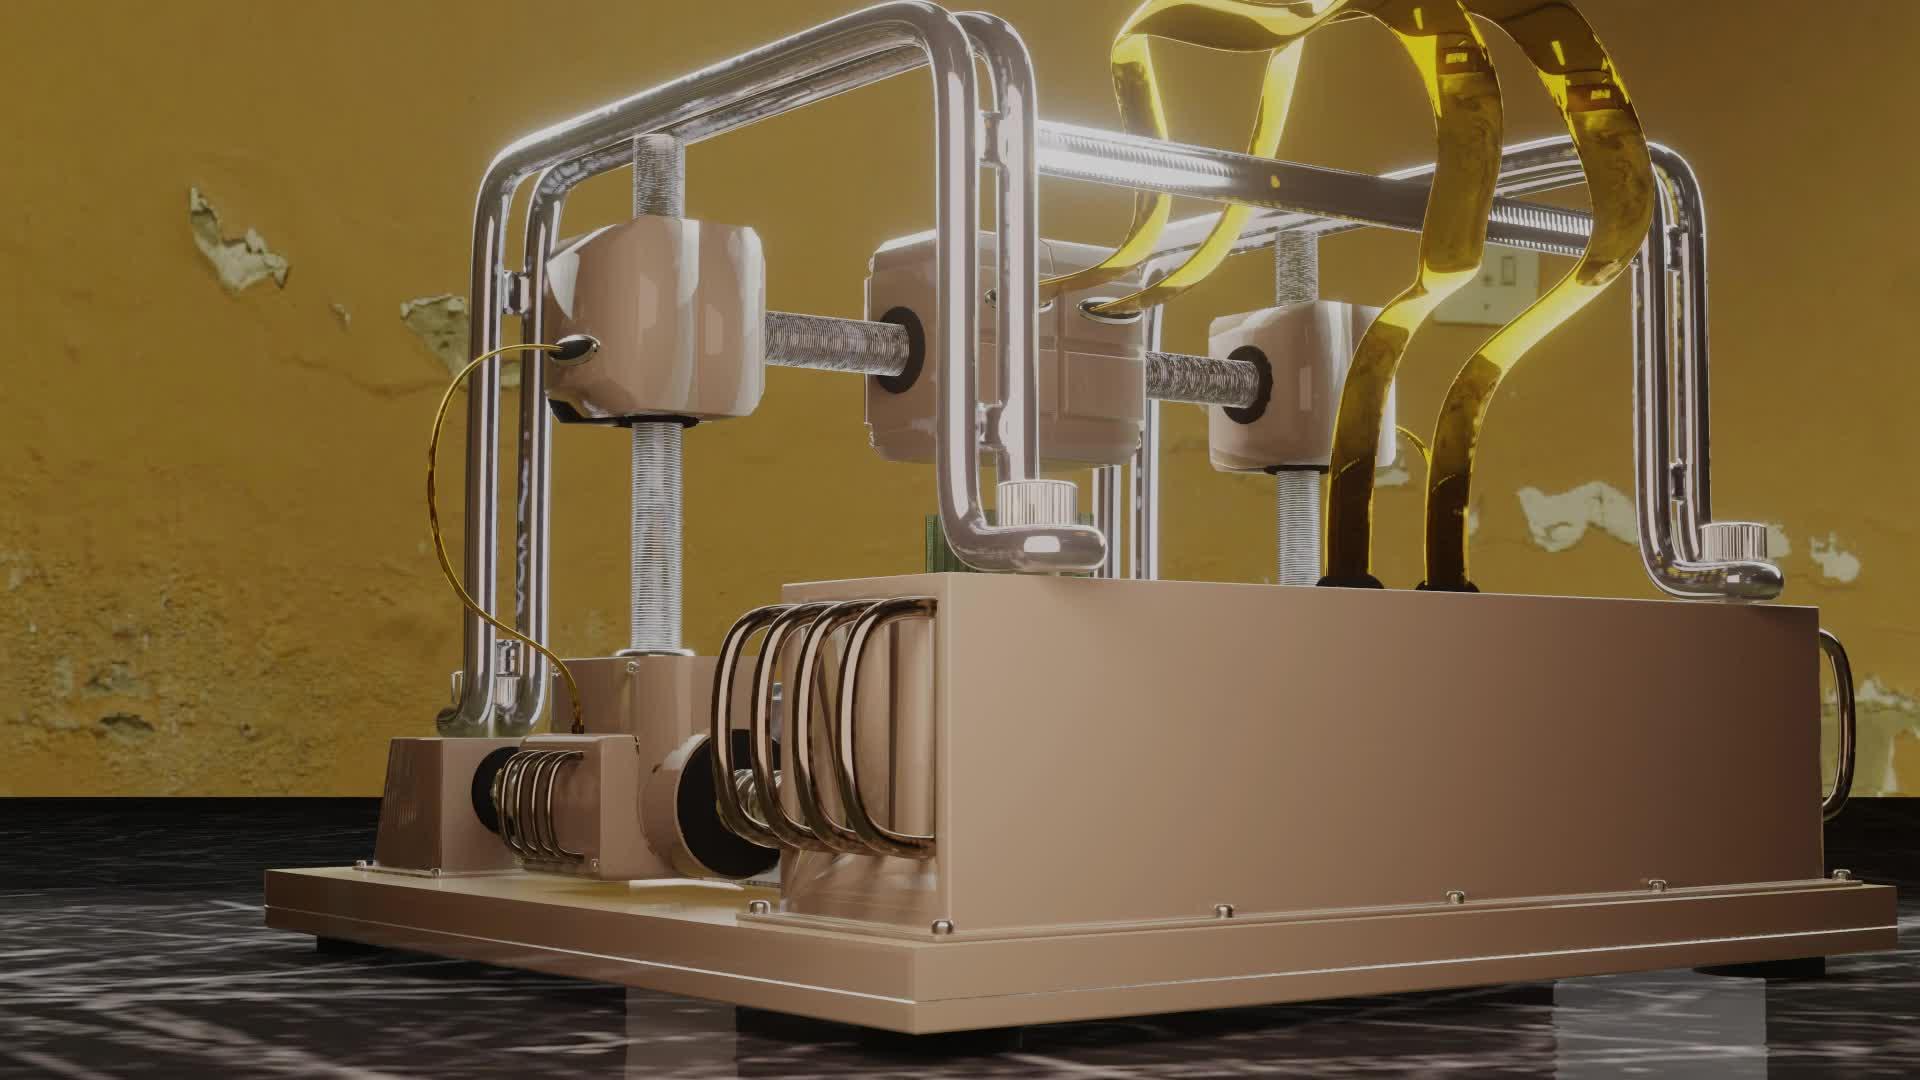 bioprint3d